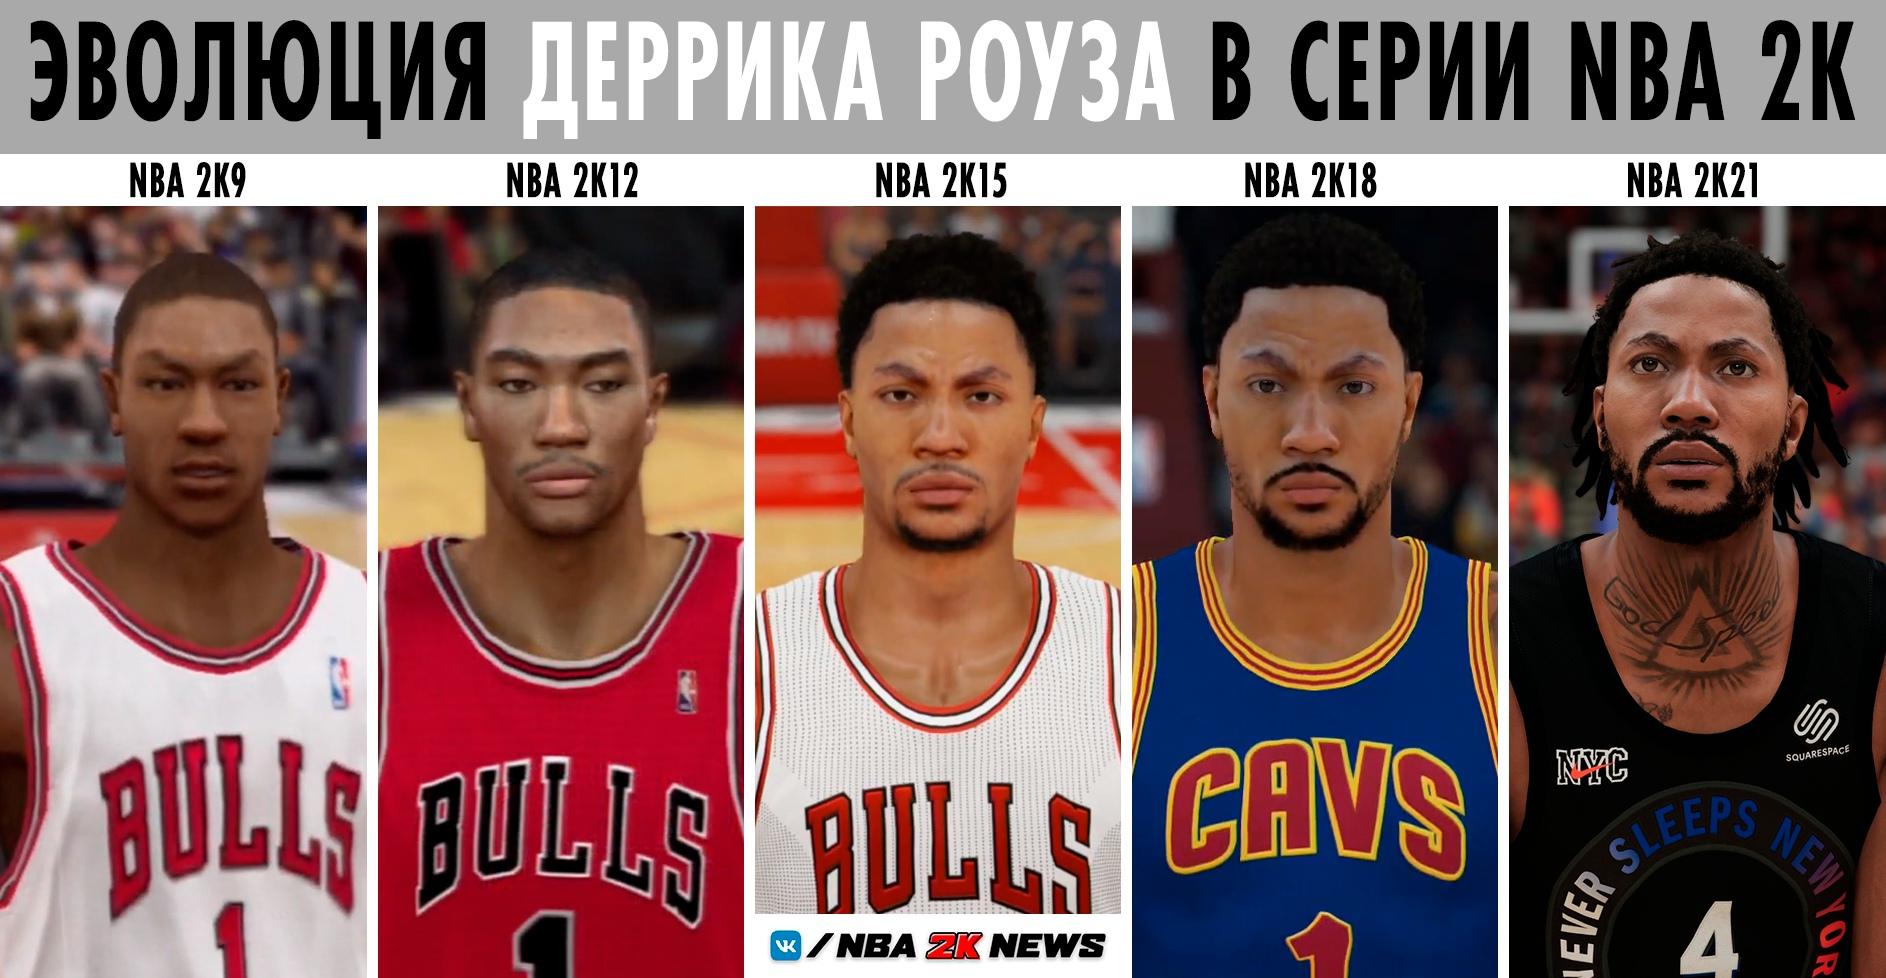 НБА, NBA 2K, Деррик Роуз